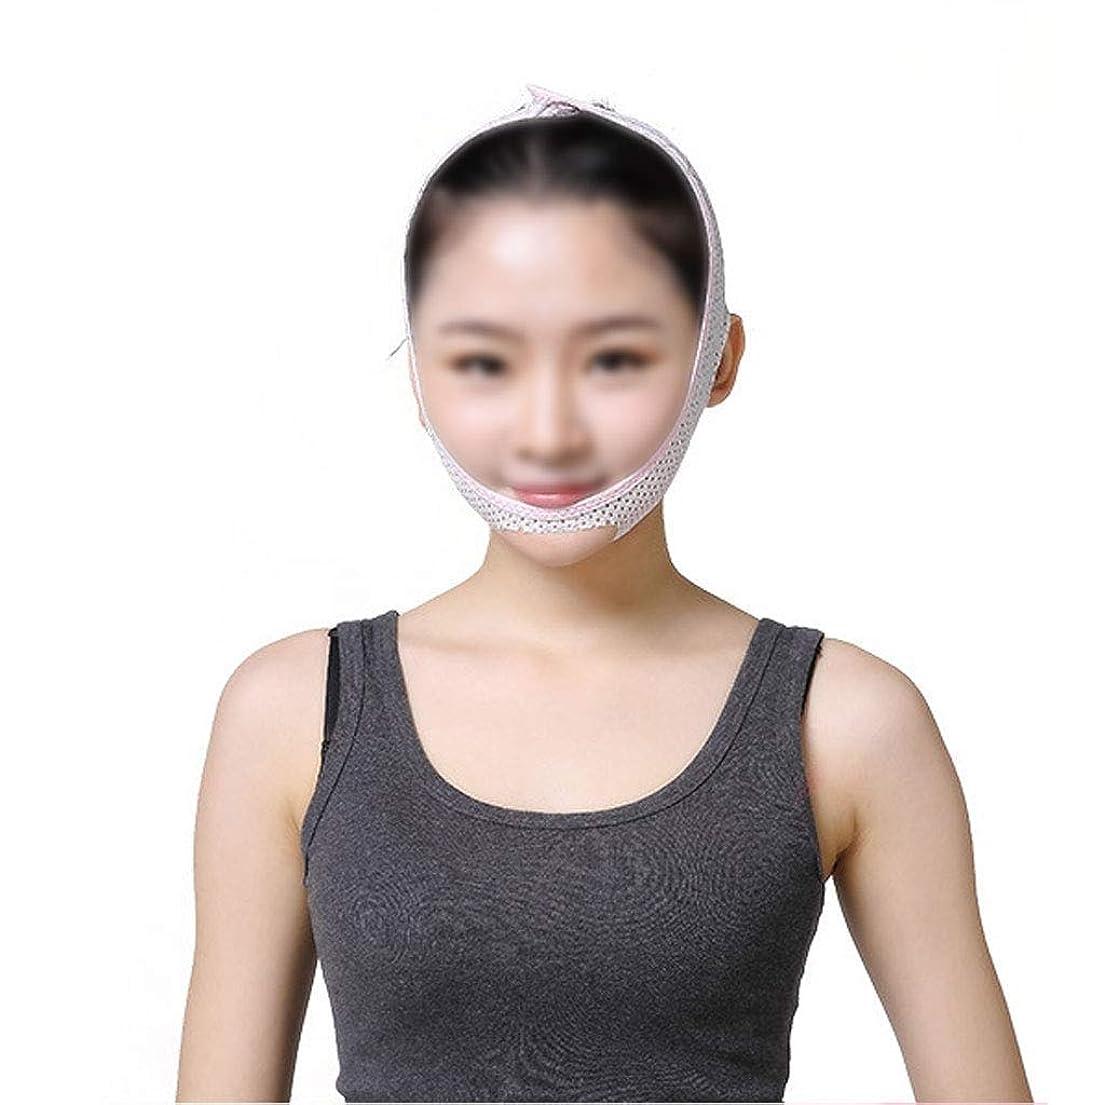 巧みなタバコ広大なフェイスリフティングマスク、快適で リフティングスキンファーミングスリープシンフェイスアーティファクトアンチリンクル/リムーブダブルチン/術後回復マスク(サイズ:M)